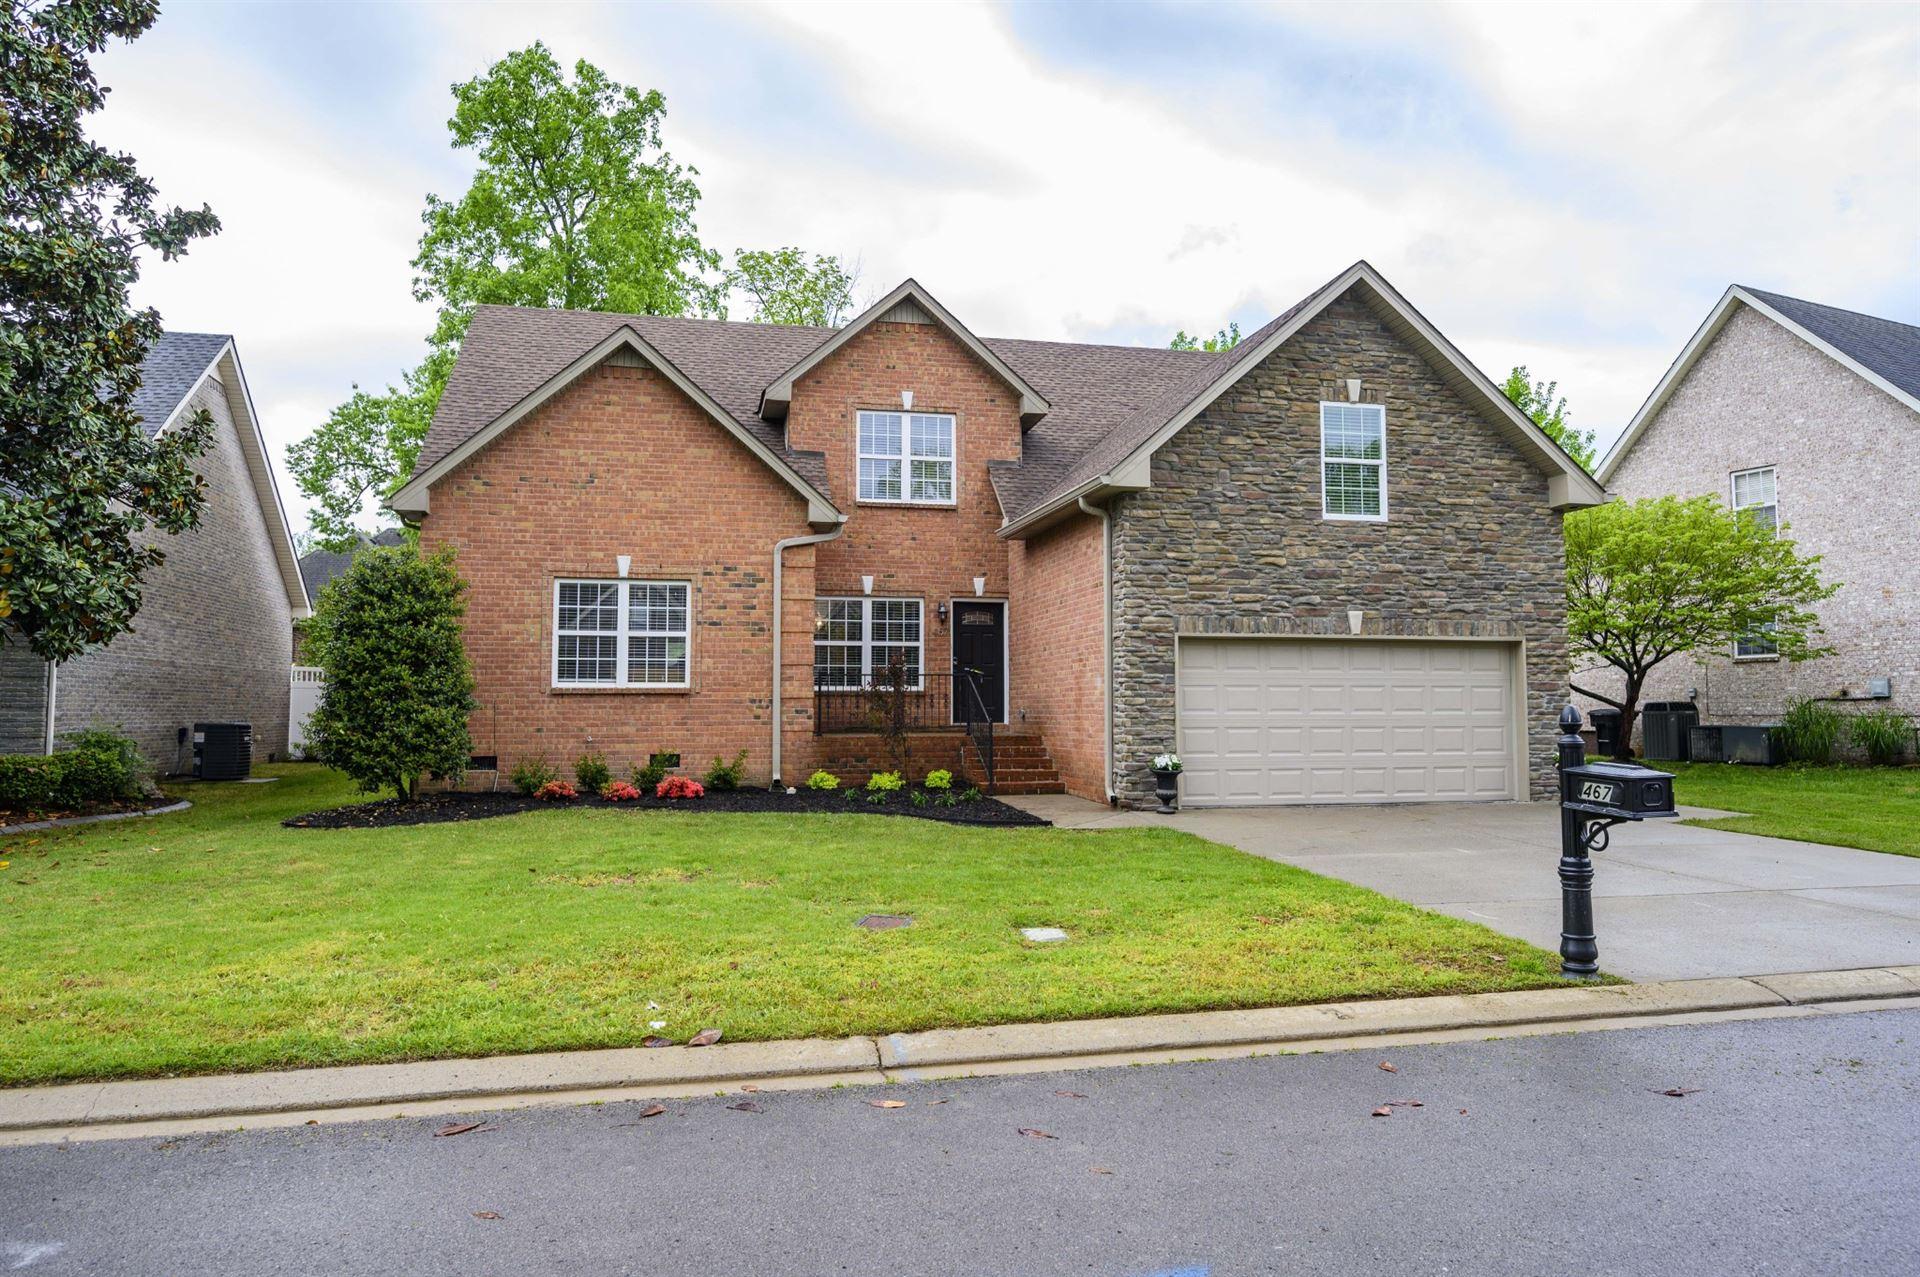 467 Bethany Cir, Murfreesboro, TN 37128 - MLS#: 2250609